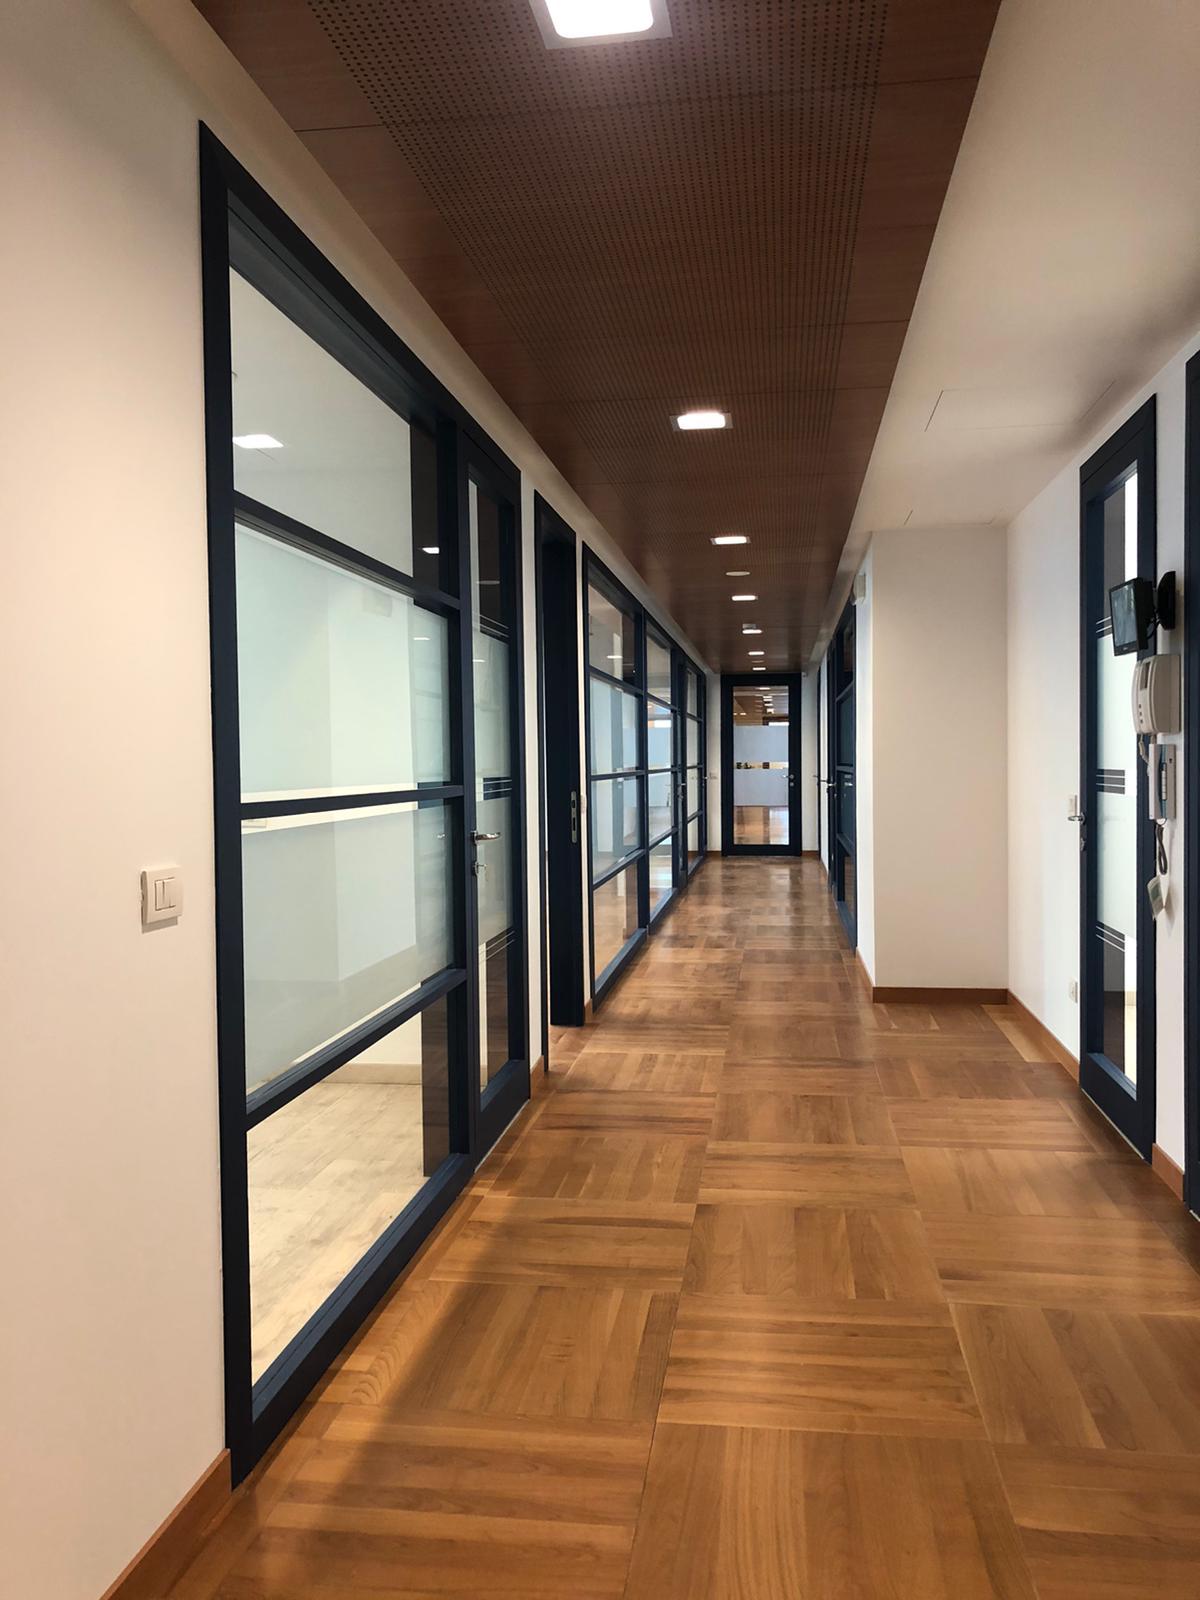 1. Corridoio uffici in parquet di legno posati a cassettoni regolari, illuminazione led a soffitto e porte vetrate satinate: lavori ultimati.